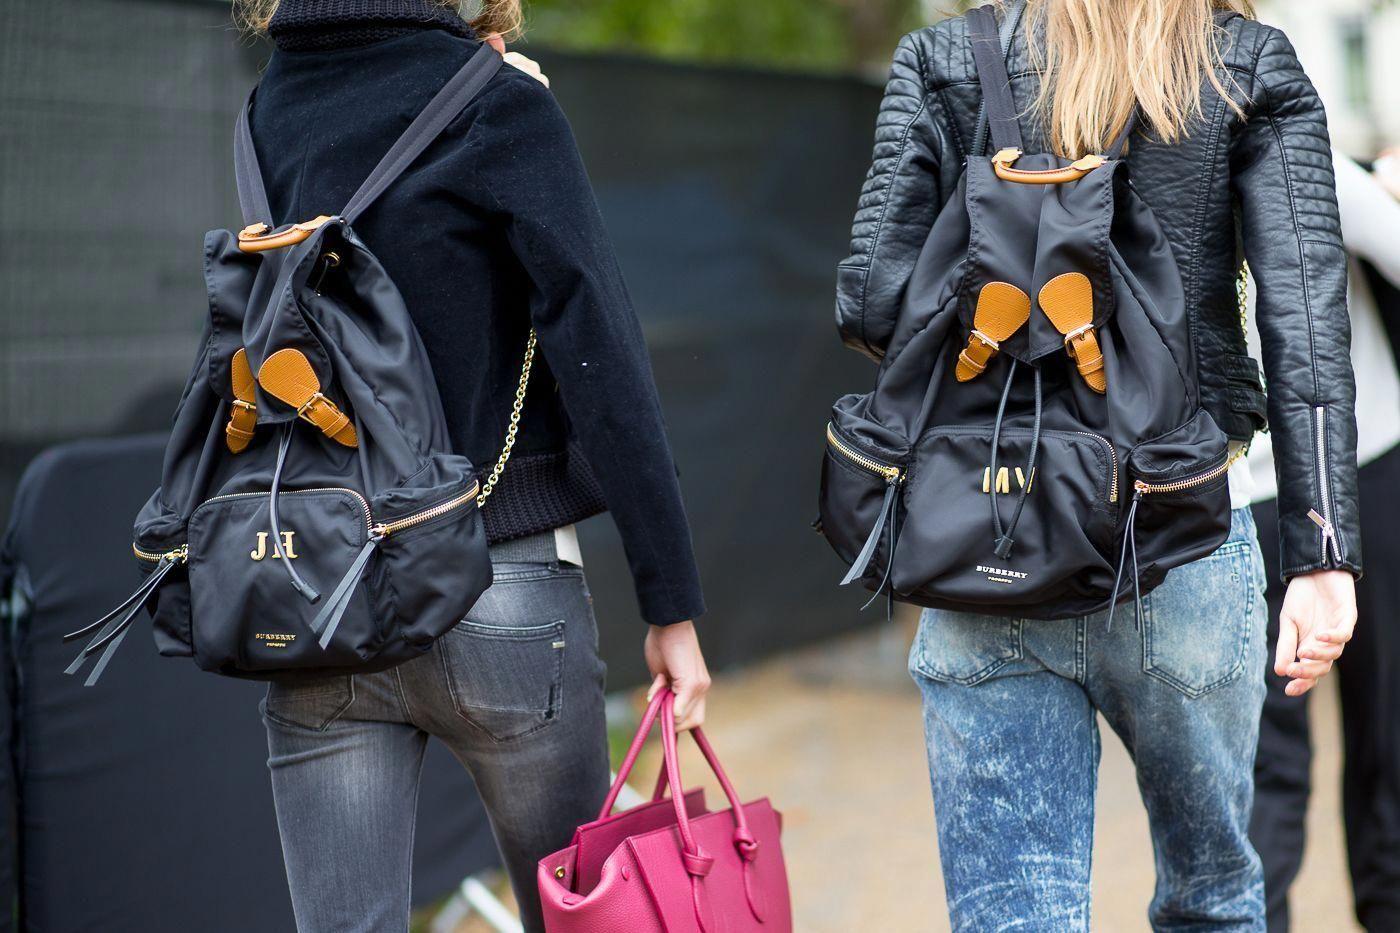 Burberry Backpack Street Style - HarpersBAZAAR.com  Burberryhandbags ... 8782b95197683